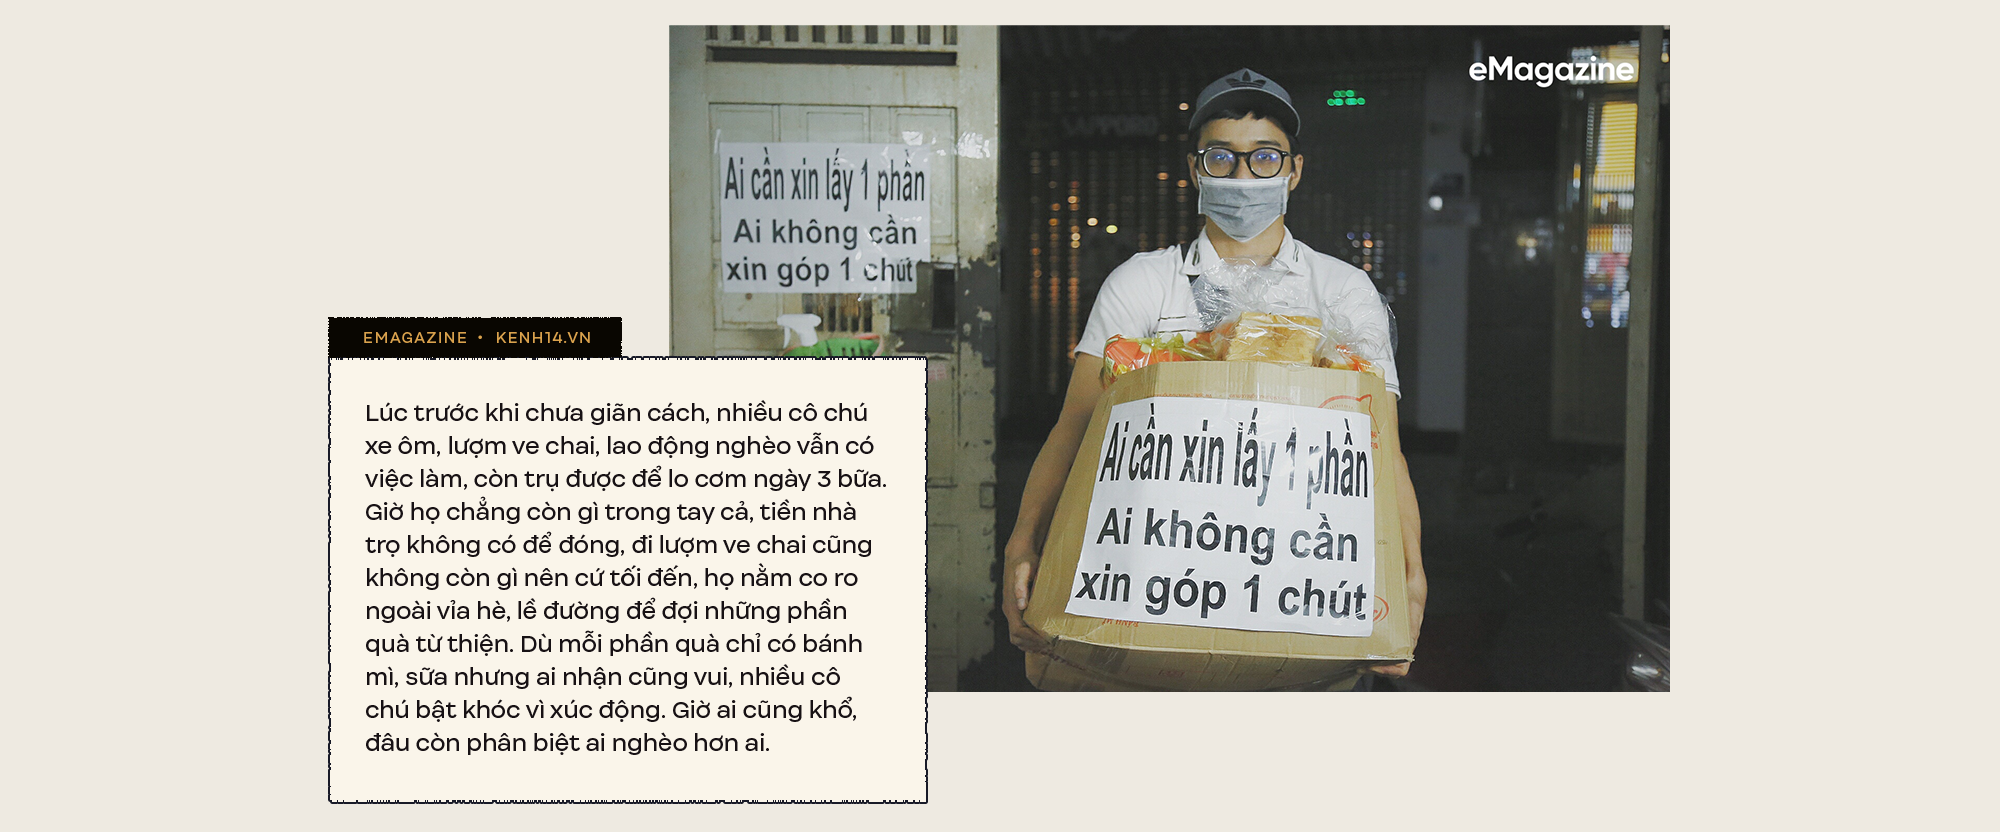 Từ những đôi mắt rớm đỏ ở Sài Gòn: Mọi người rủ nhau làm từ thiện, sẽ không có ai bị bỏ lại đằng sau - Ảnh 7.